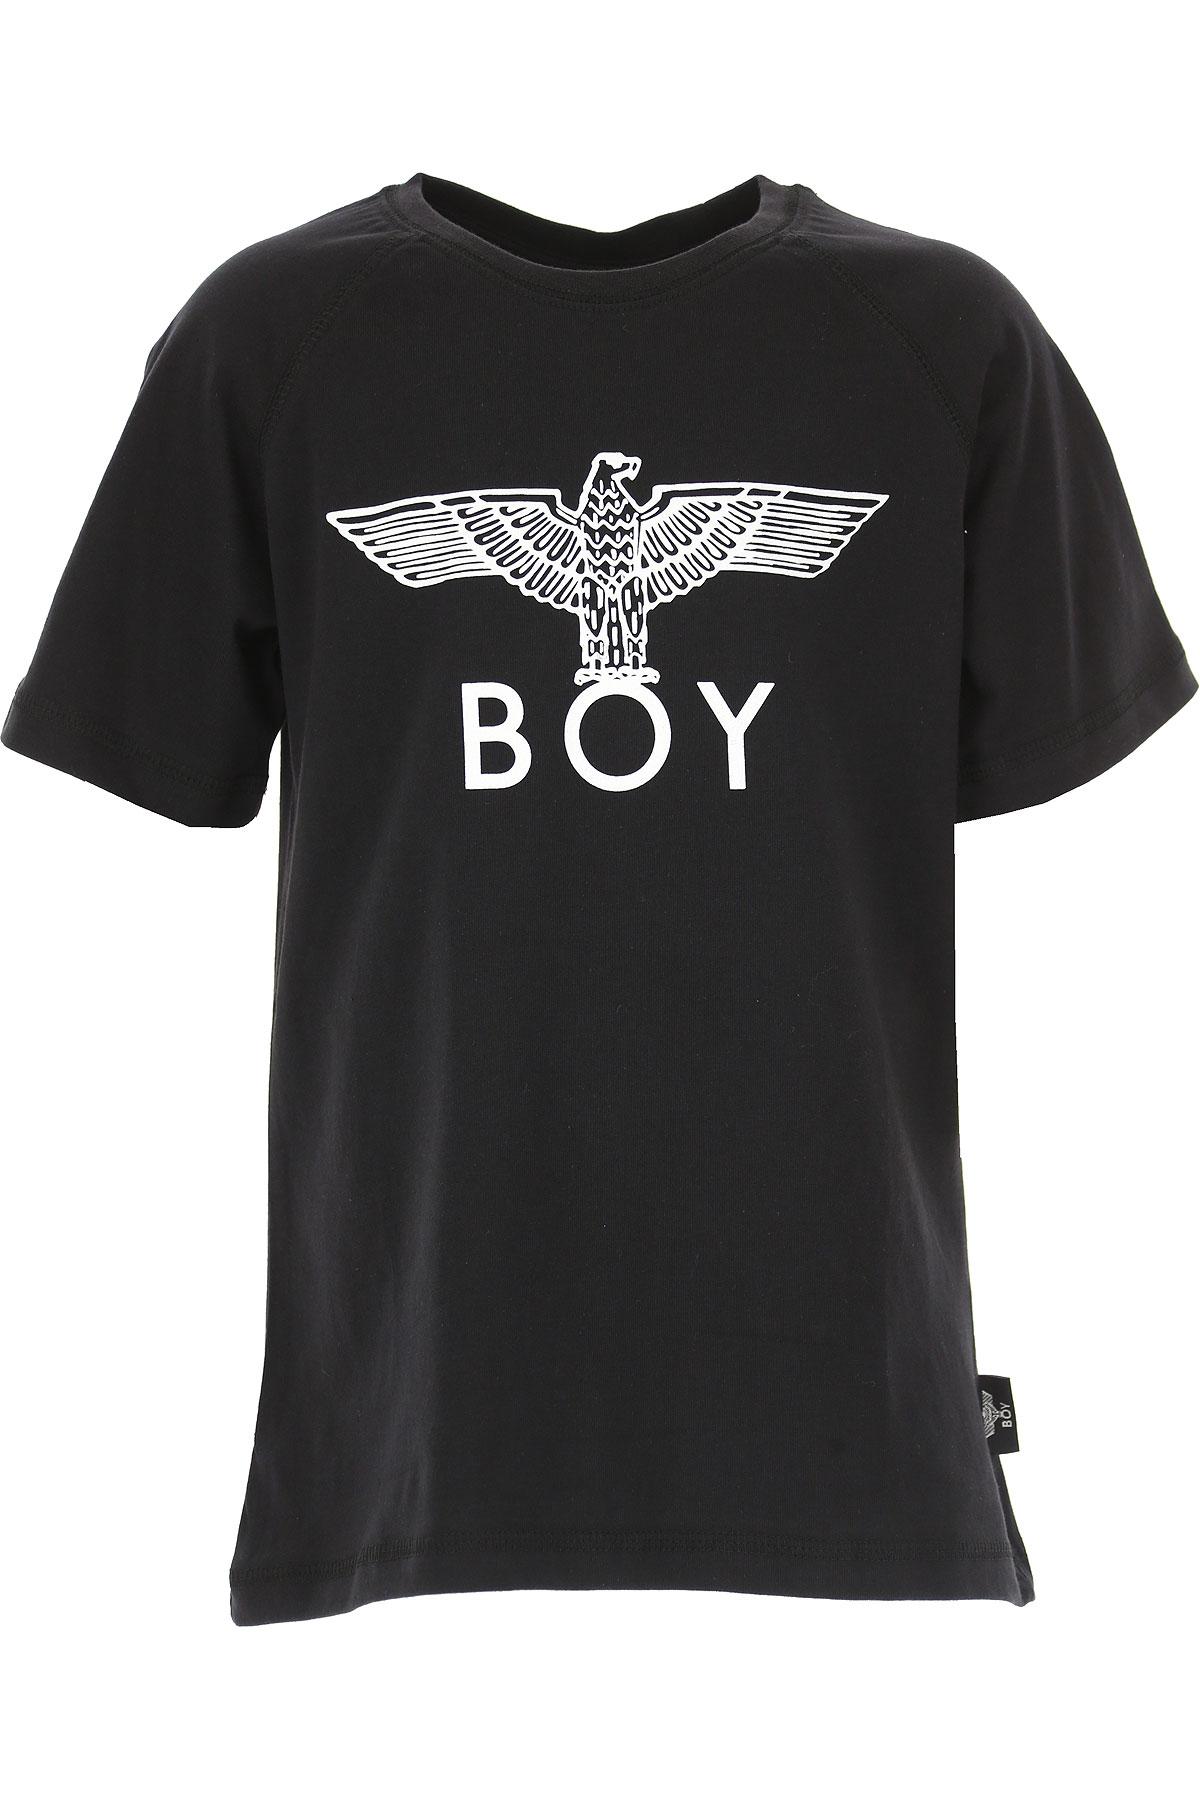 Image of Boy London Kids T-Shirt for Boys, Black, Cotton, 2017, 10Y 14Y 16Y 4Y 6Y 8Y